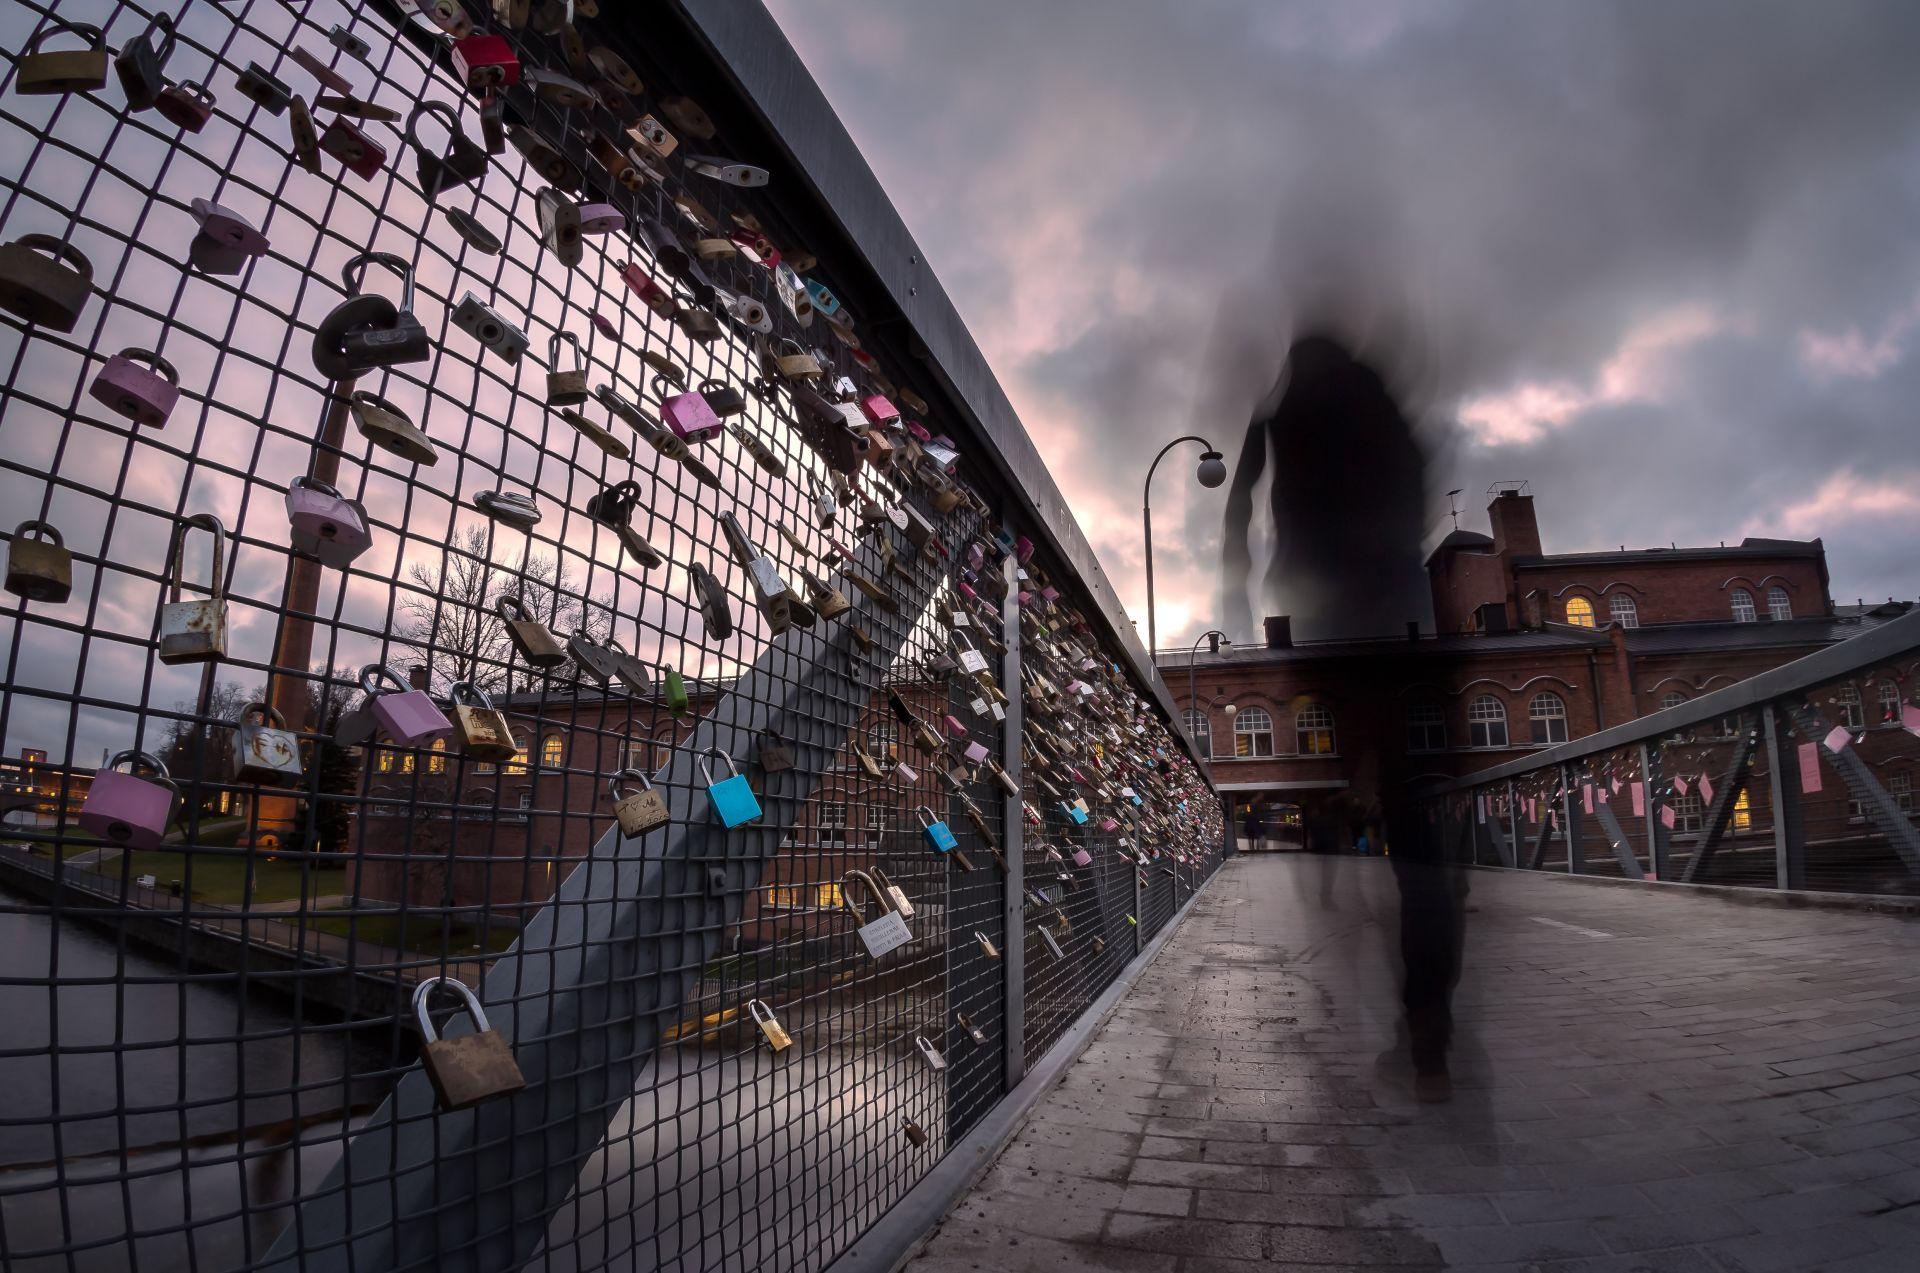 Hahmo sillalla, jossa on lukkoja.